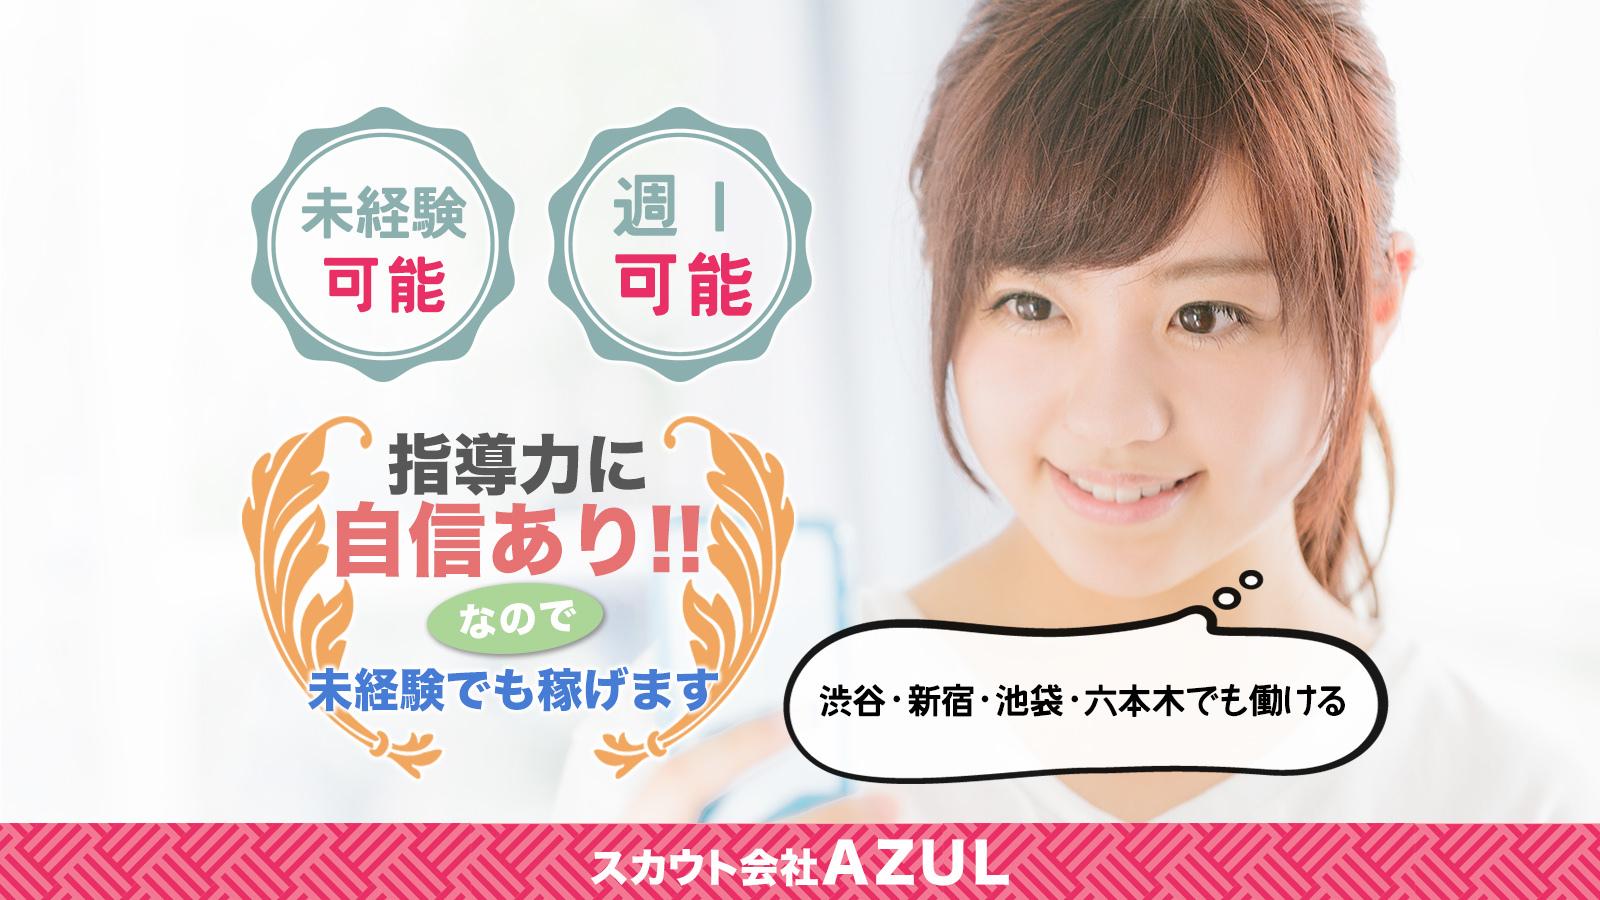 新宿渋谷スカウトマンのバイト求人 スカウト会社AZUL